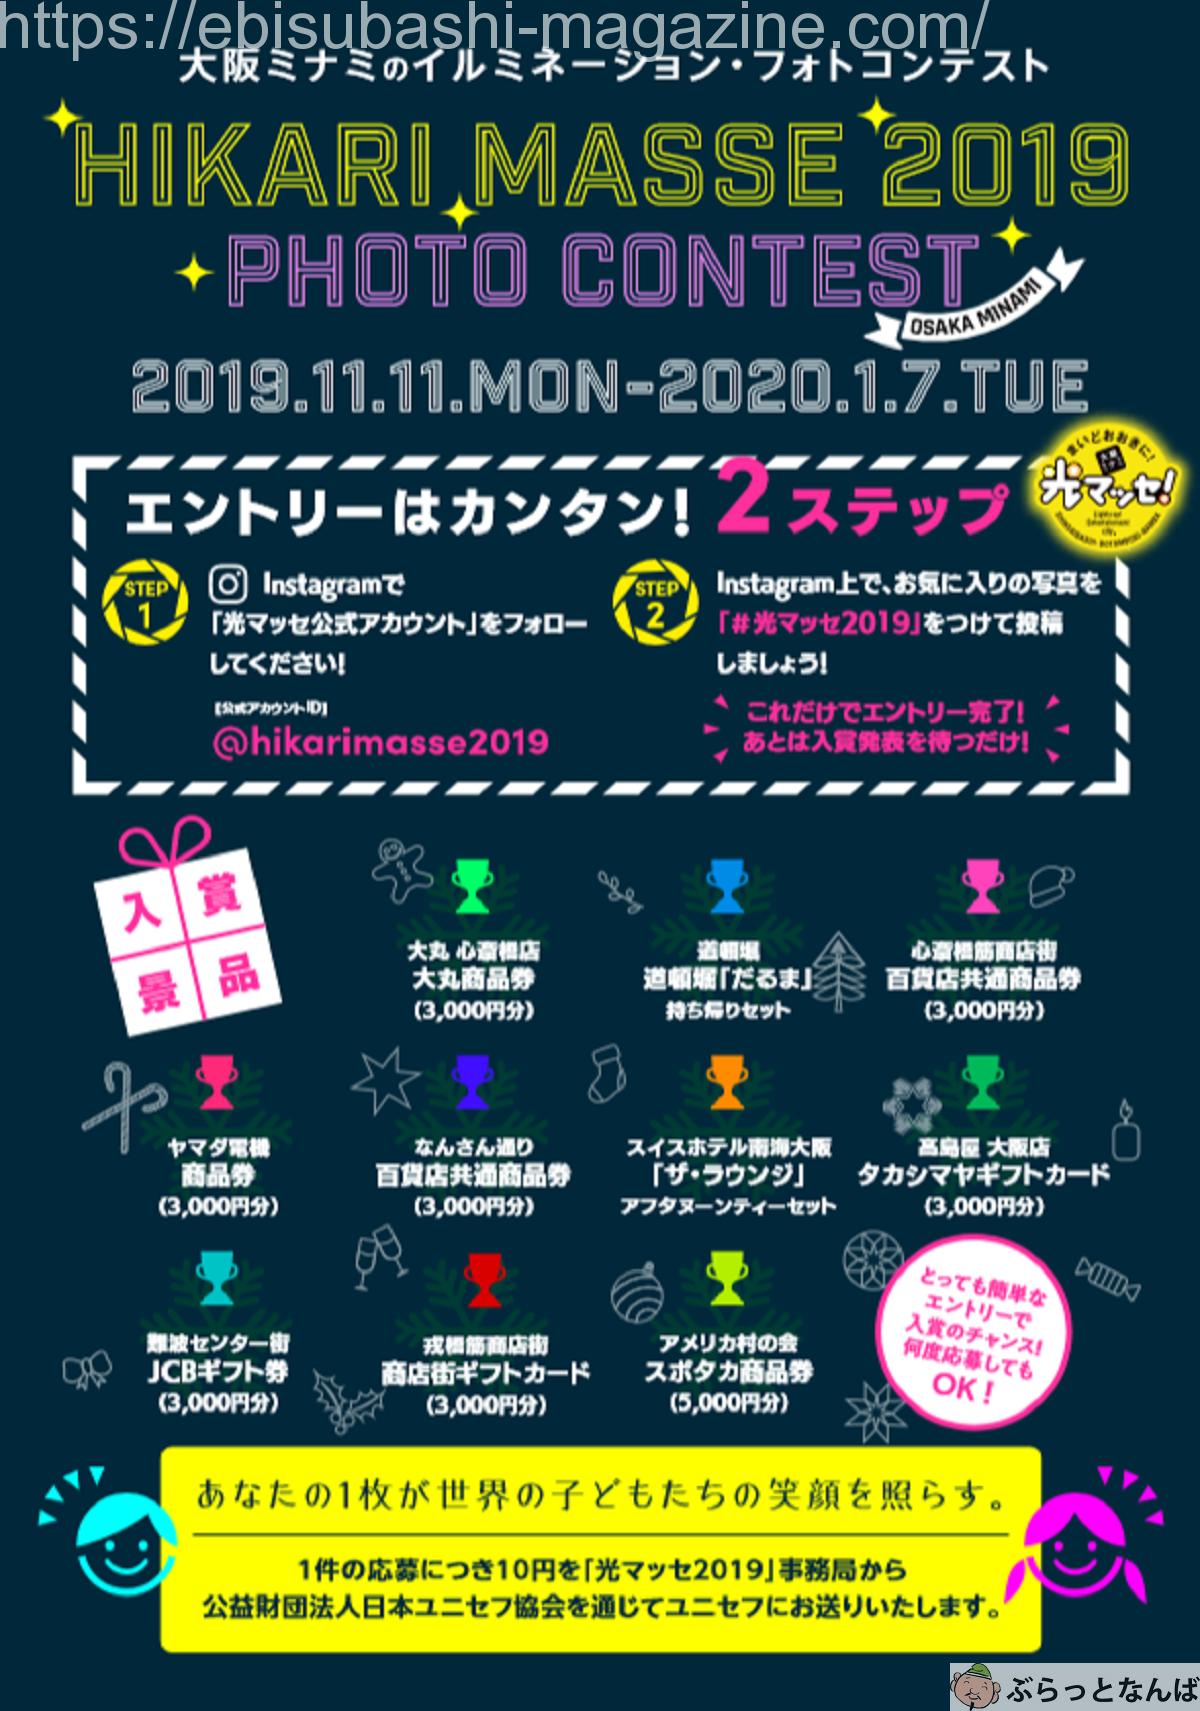 大阪ミナミ光マッセ2019 フォトコンテスト